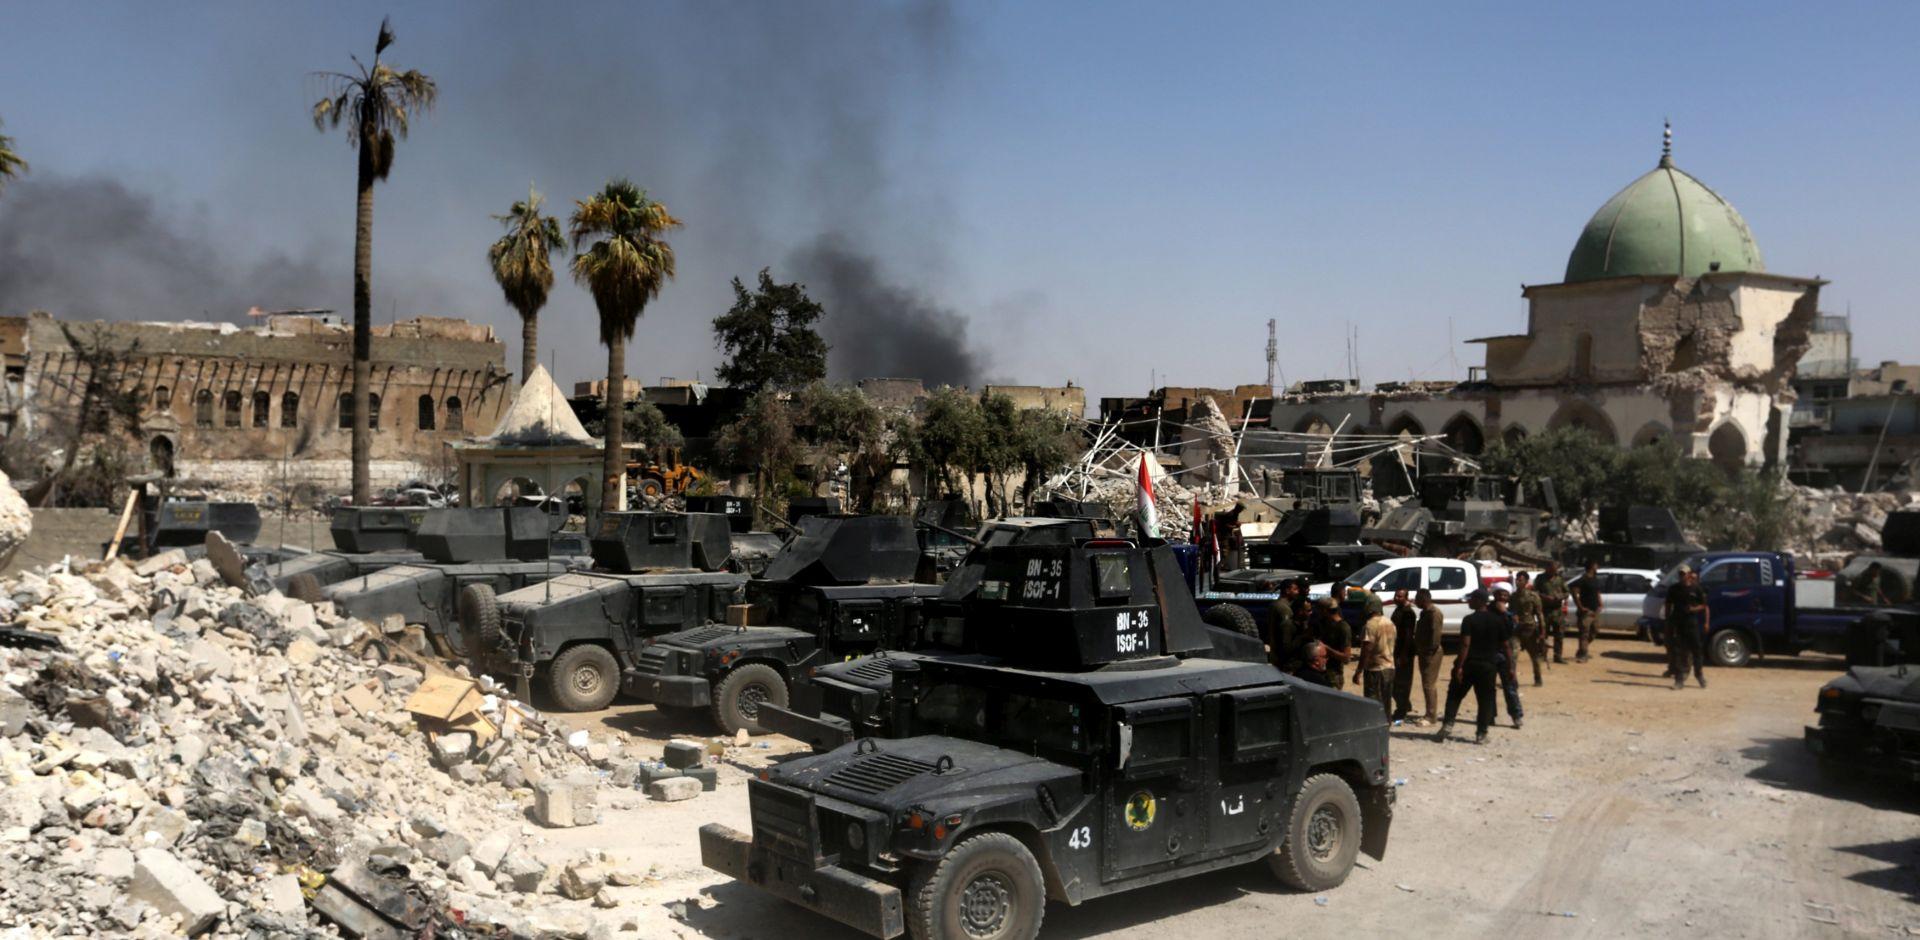 Iračke snage zauzele Stari grad u Mosulu